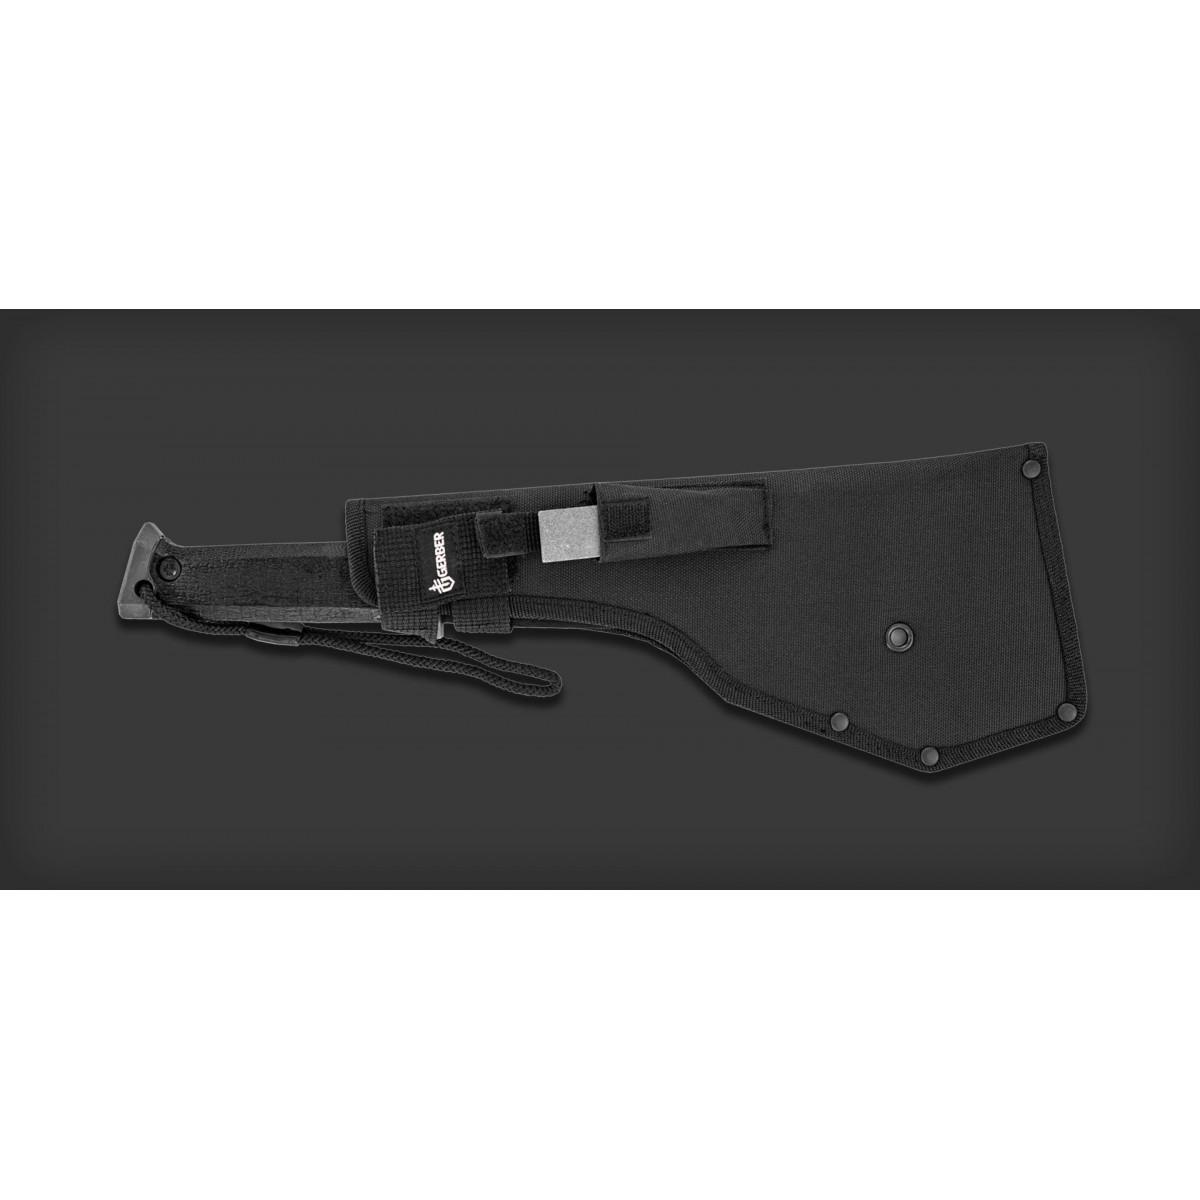 """มีดเดินป่า มีดใบตาย Gerber Gator Machete Pro Fixed Blade (10.5"""" Black Plain) w/ Sharpening Stone (31-000705)"""